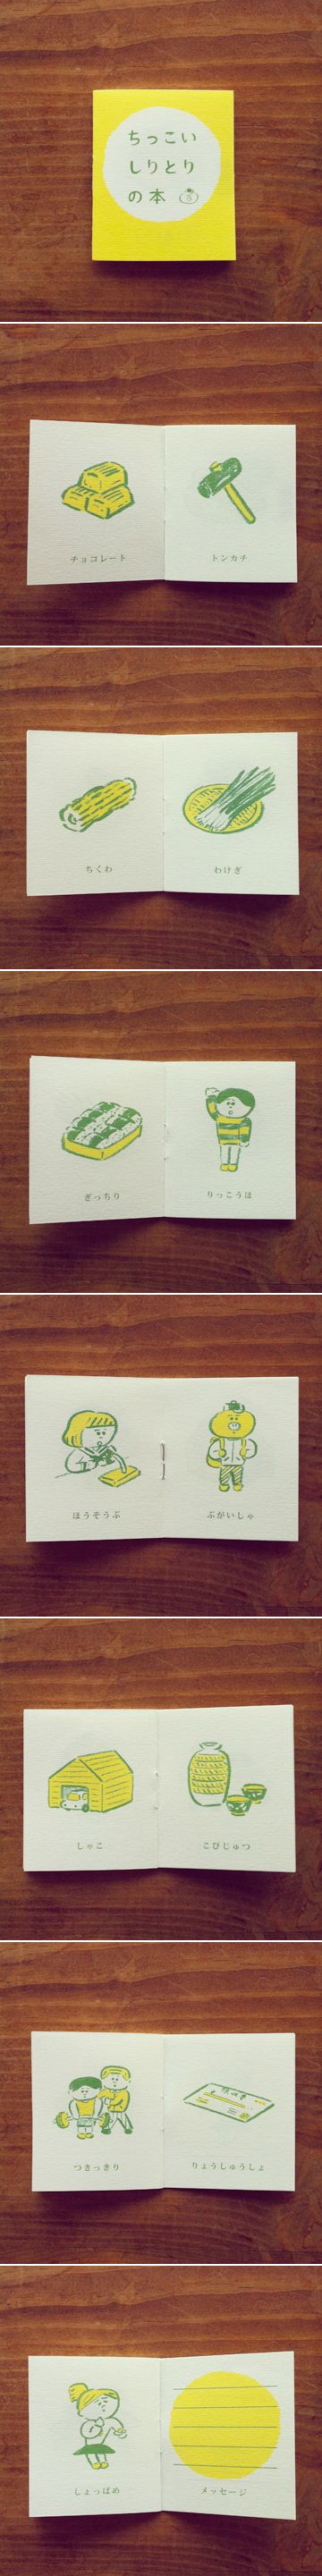 豆本『ちっこいしりとりの本』